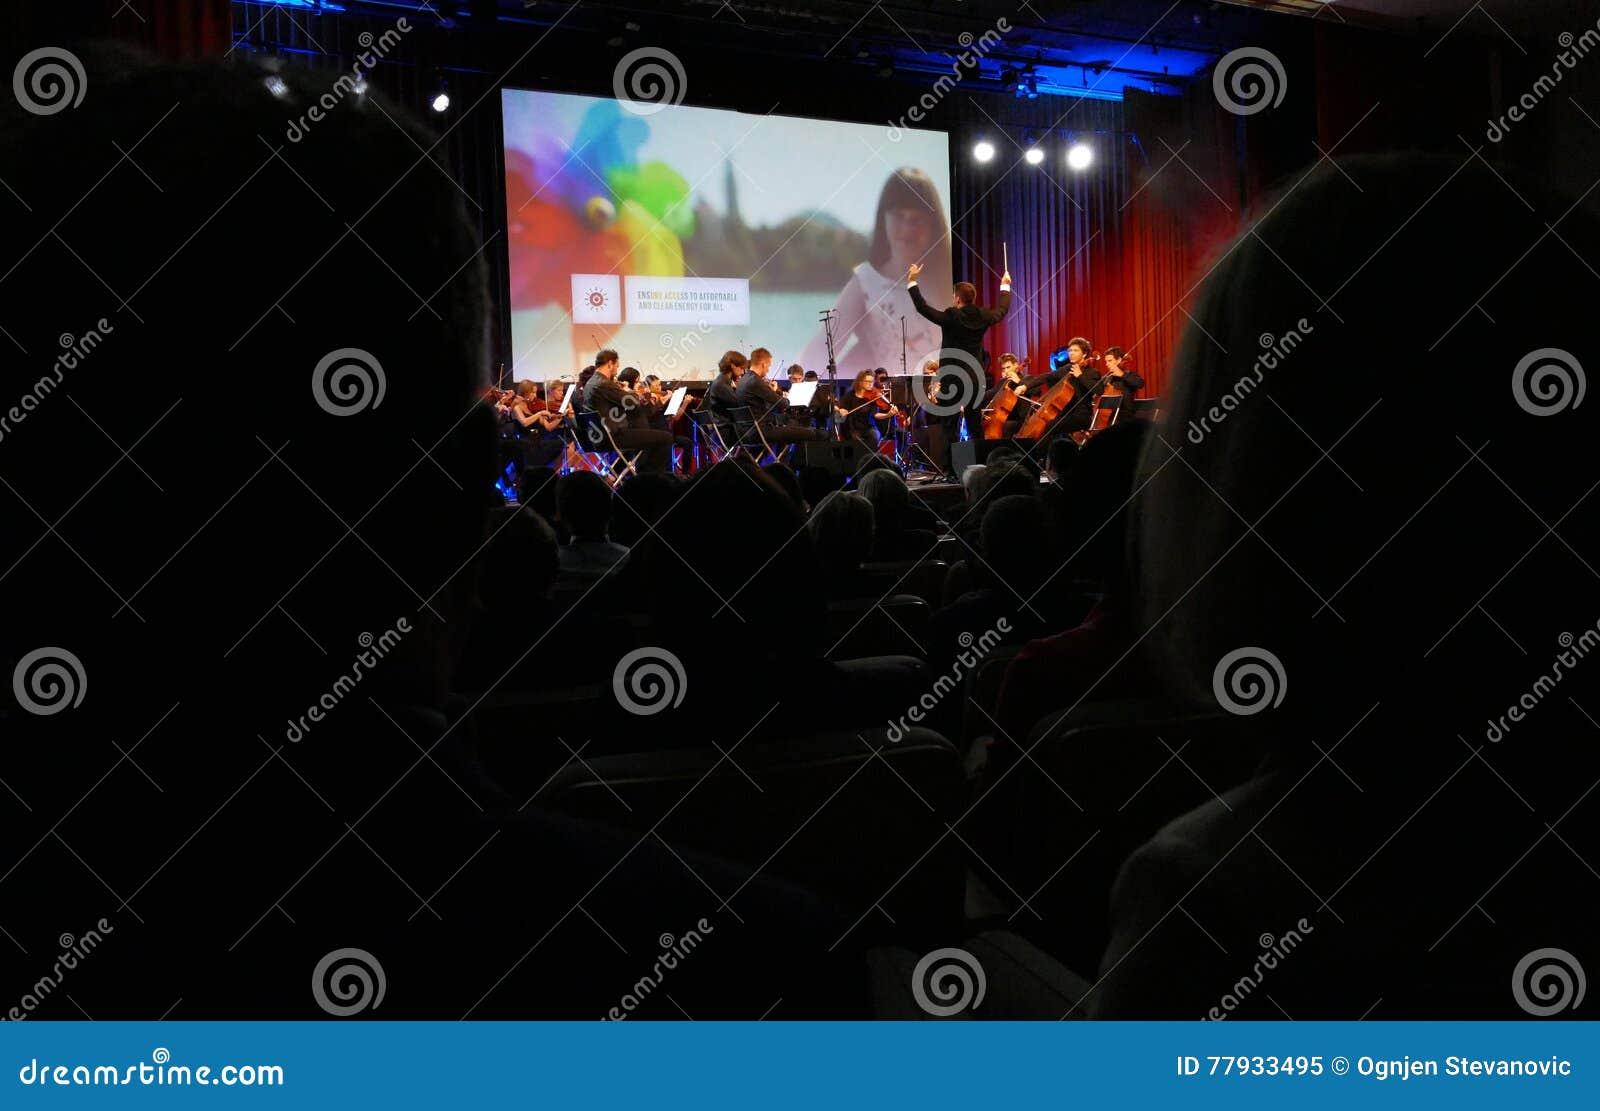 De leider die symfonieorkest met uitvoerders op achtergrond leiden tijdens de openingsceremonie van Zaken tapte Strategisch Forum